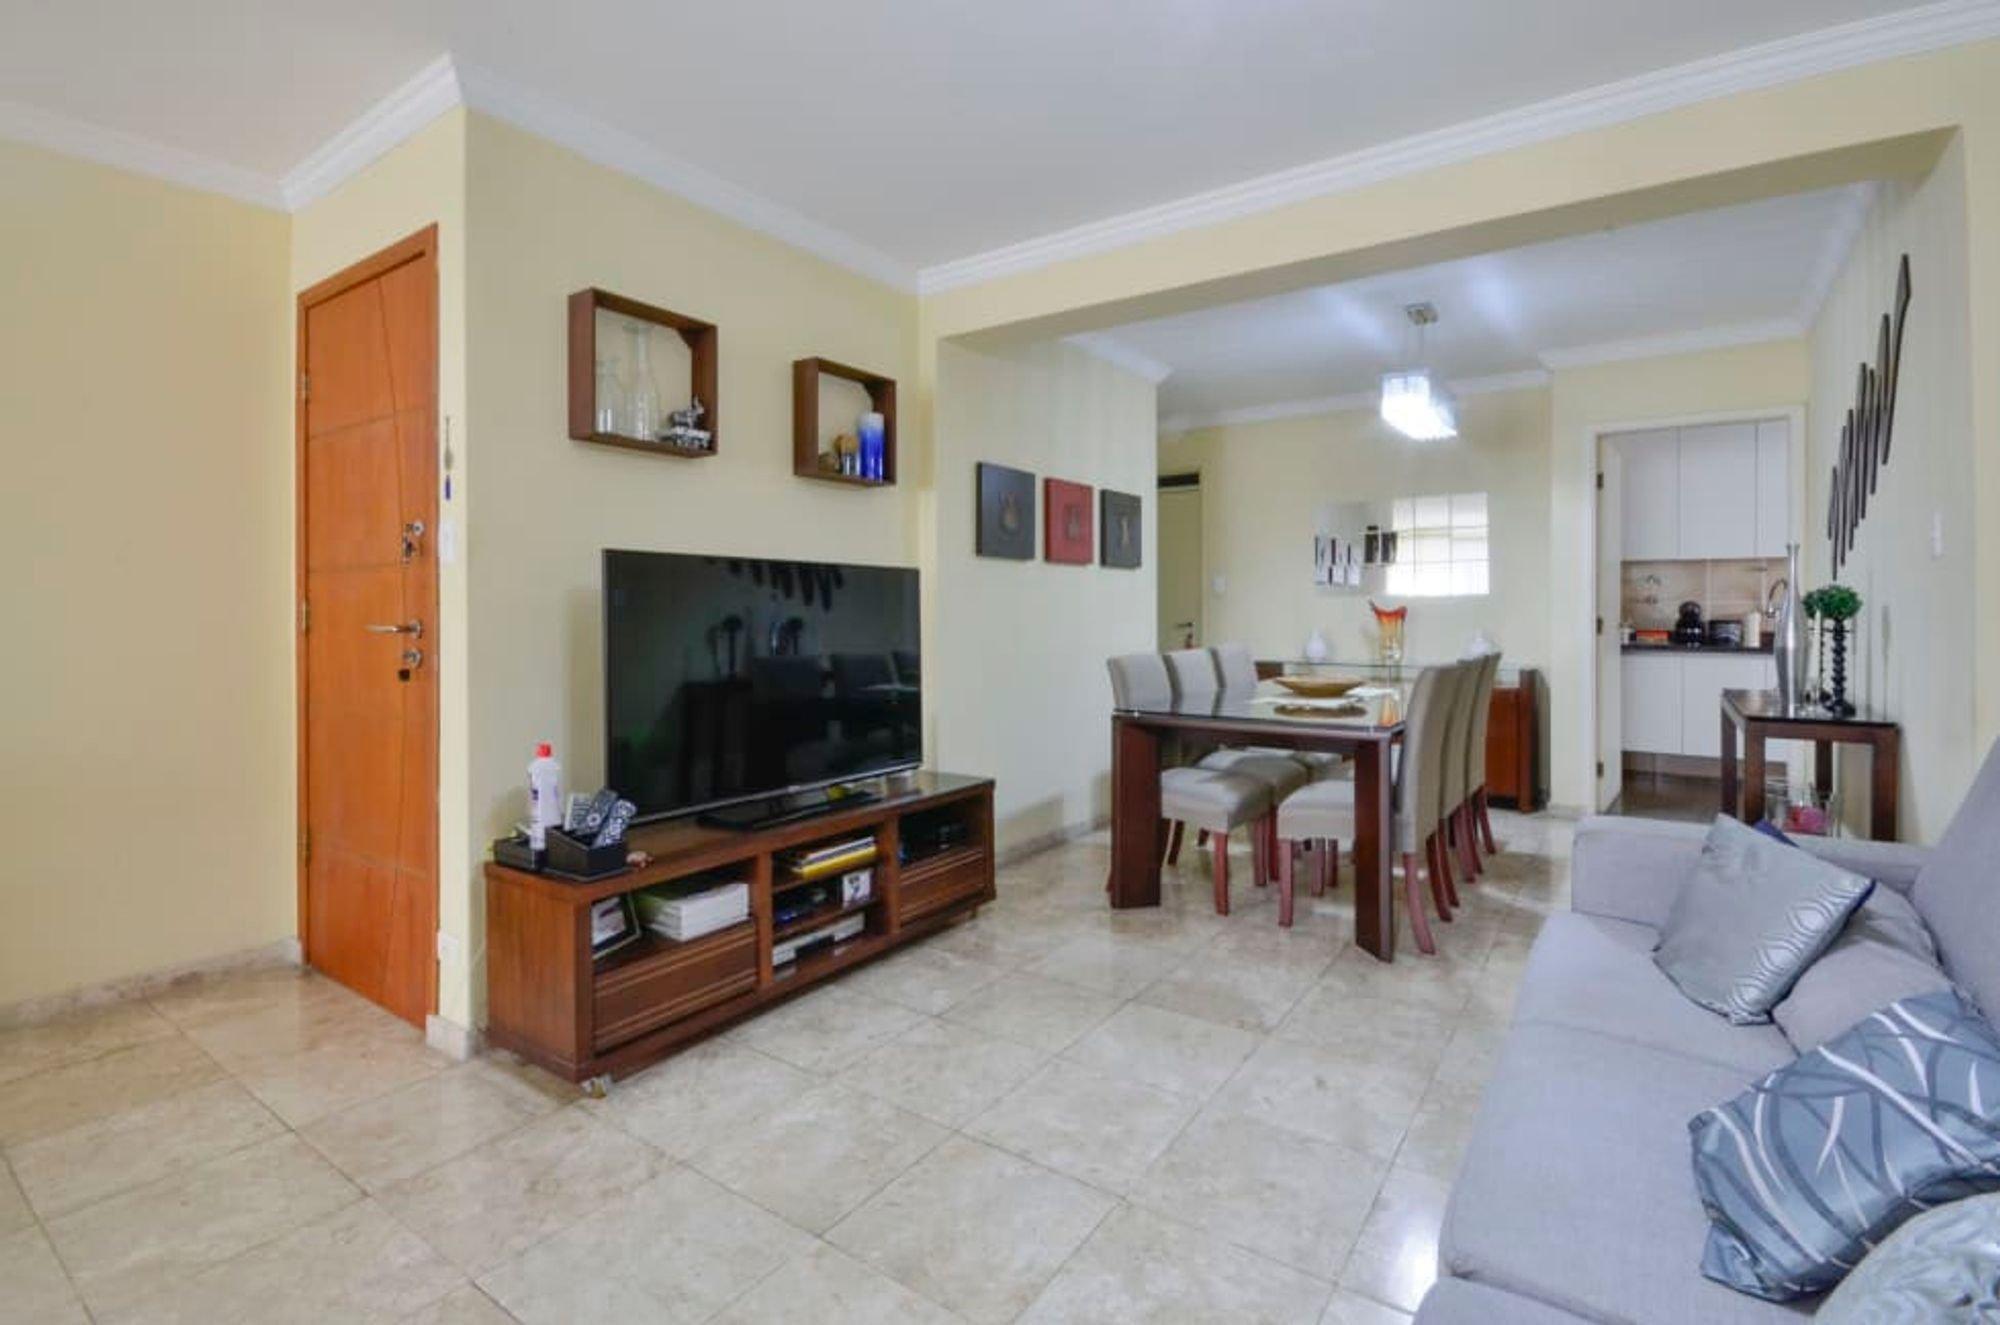 Foto de Sala com sofá, televisão, vaso, tigela, cadeira, mesa de jantar